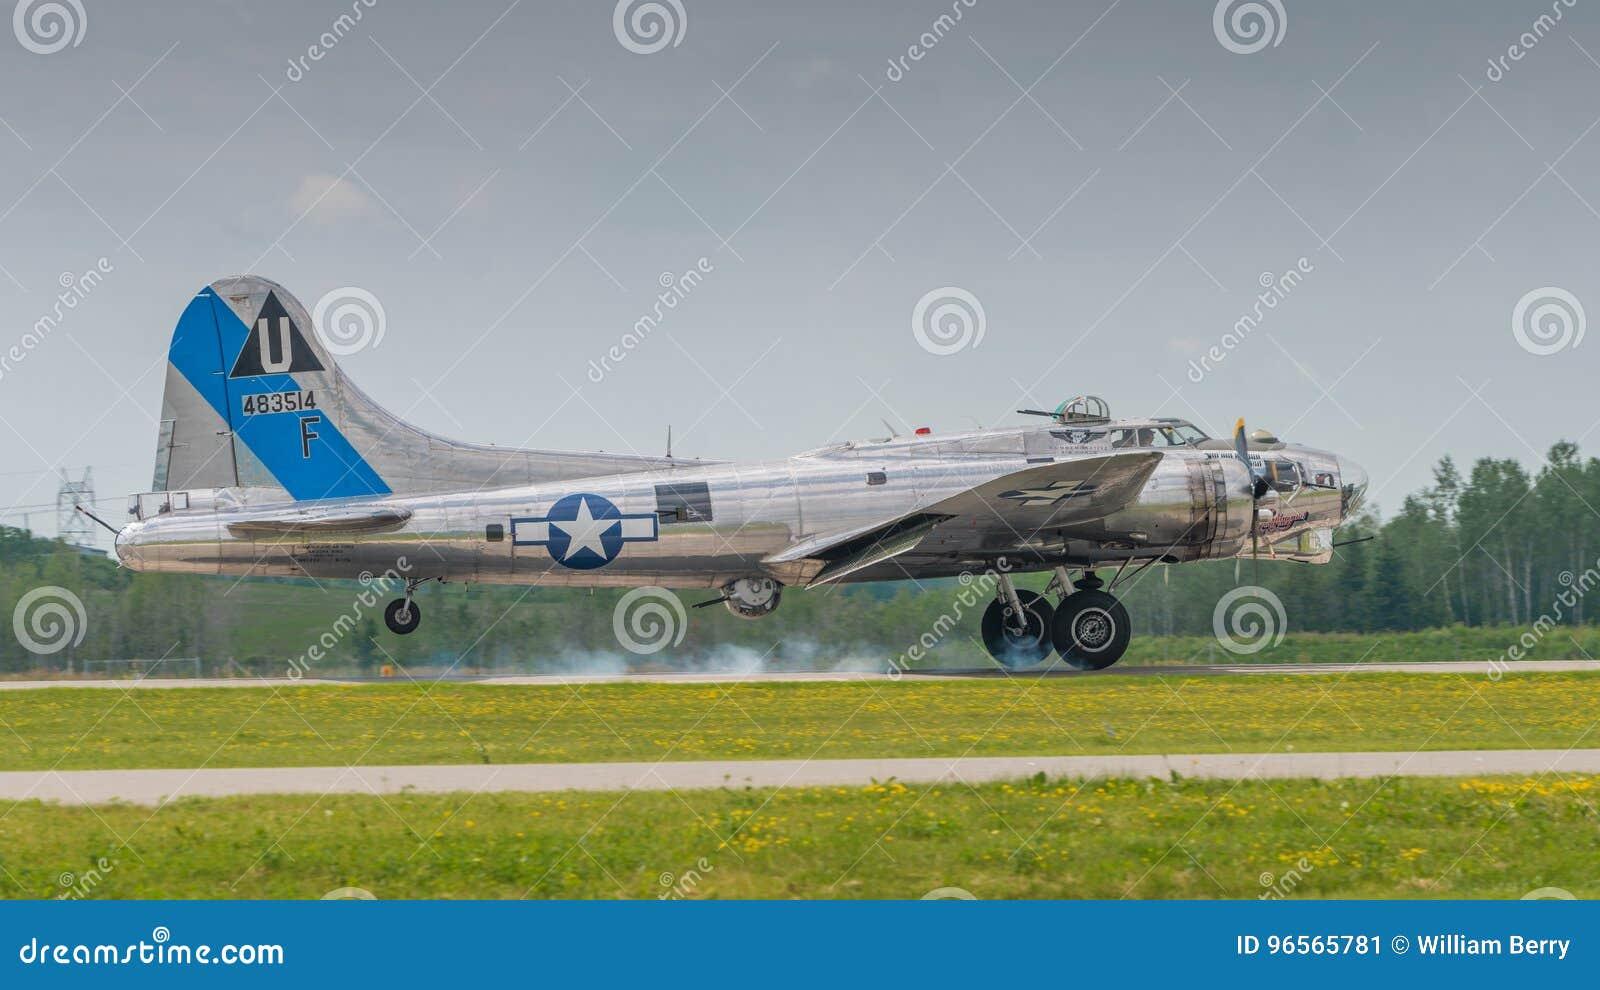 B-17 Bomber Landing